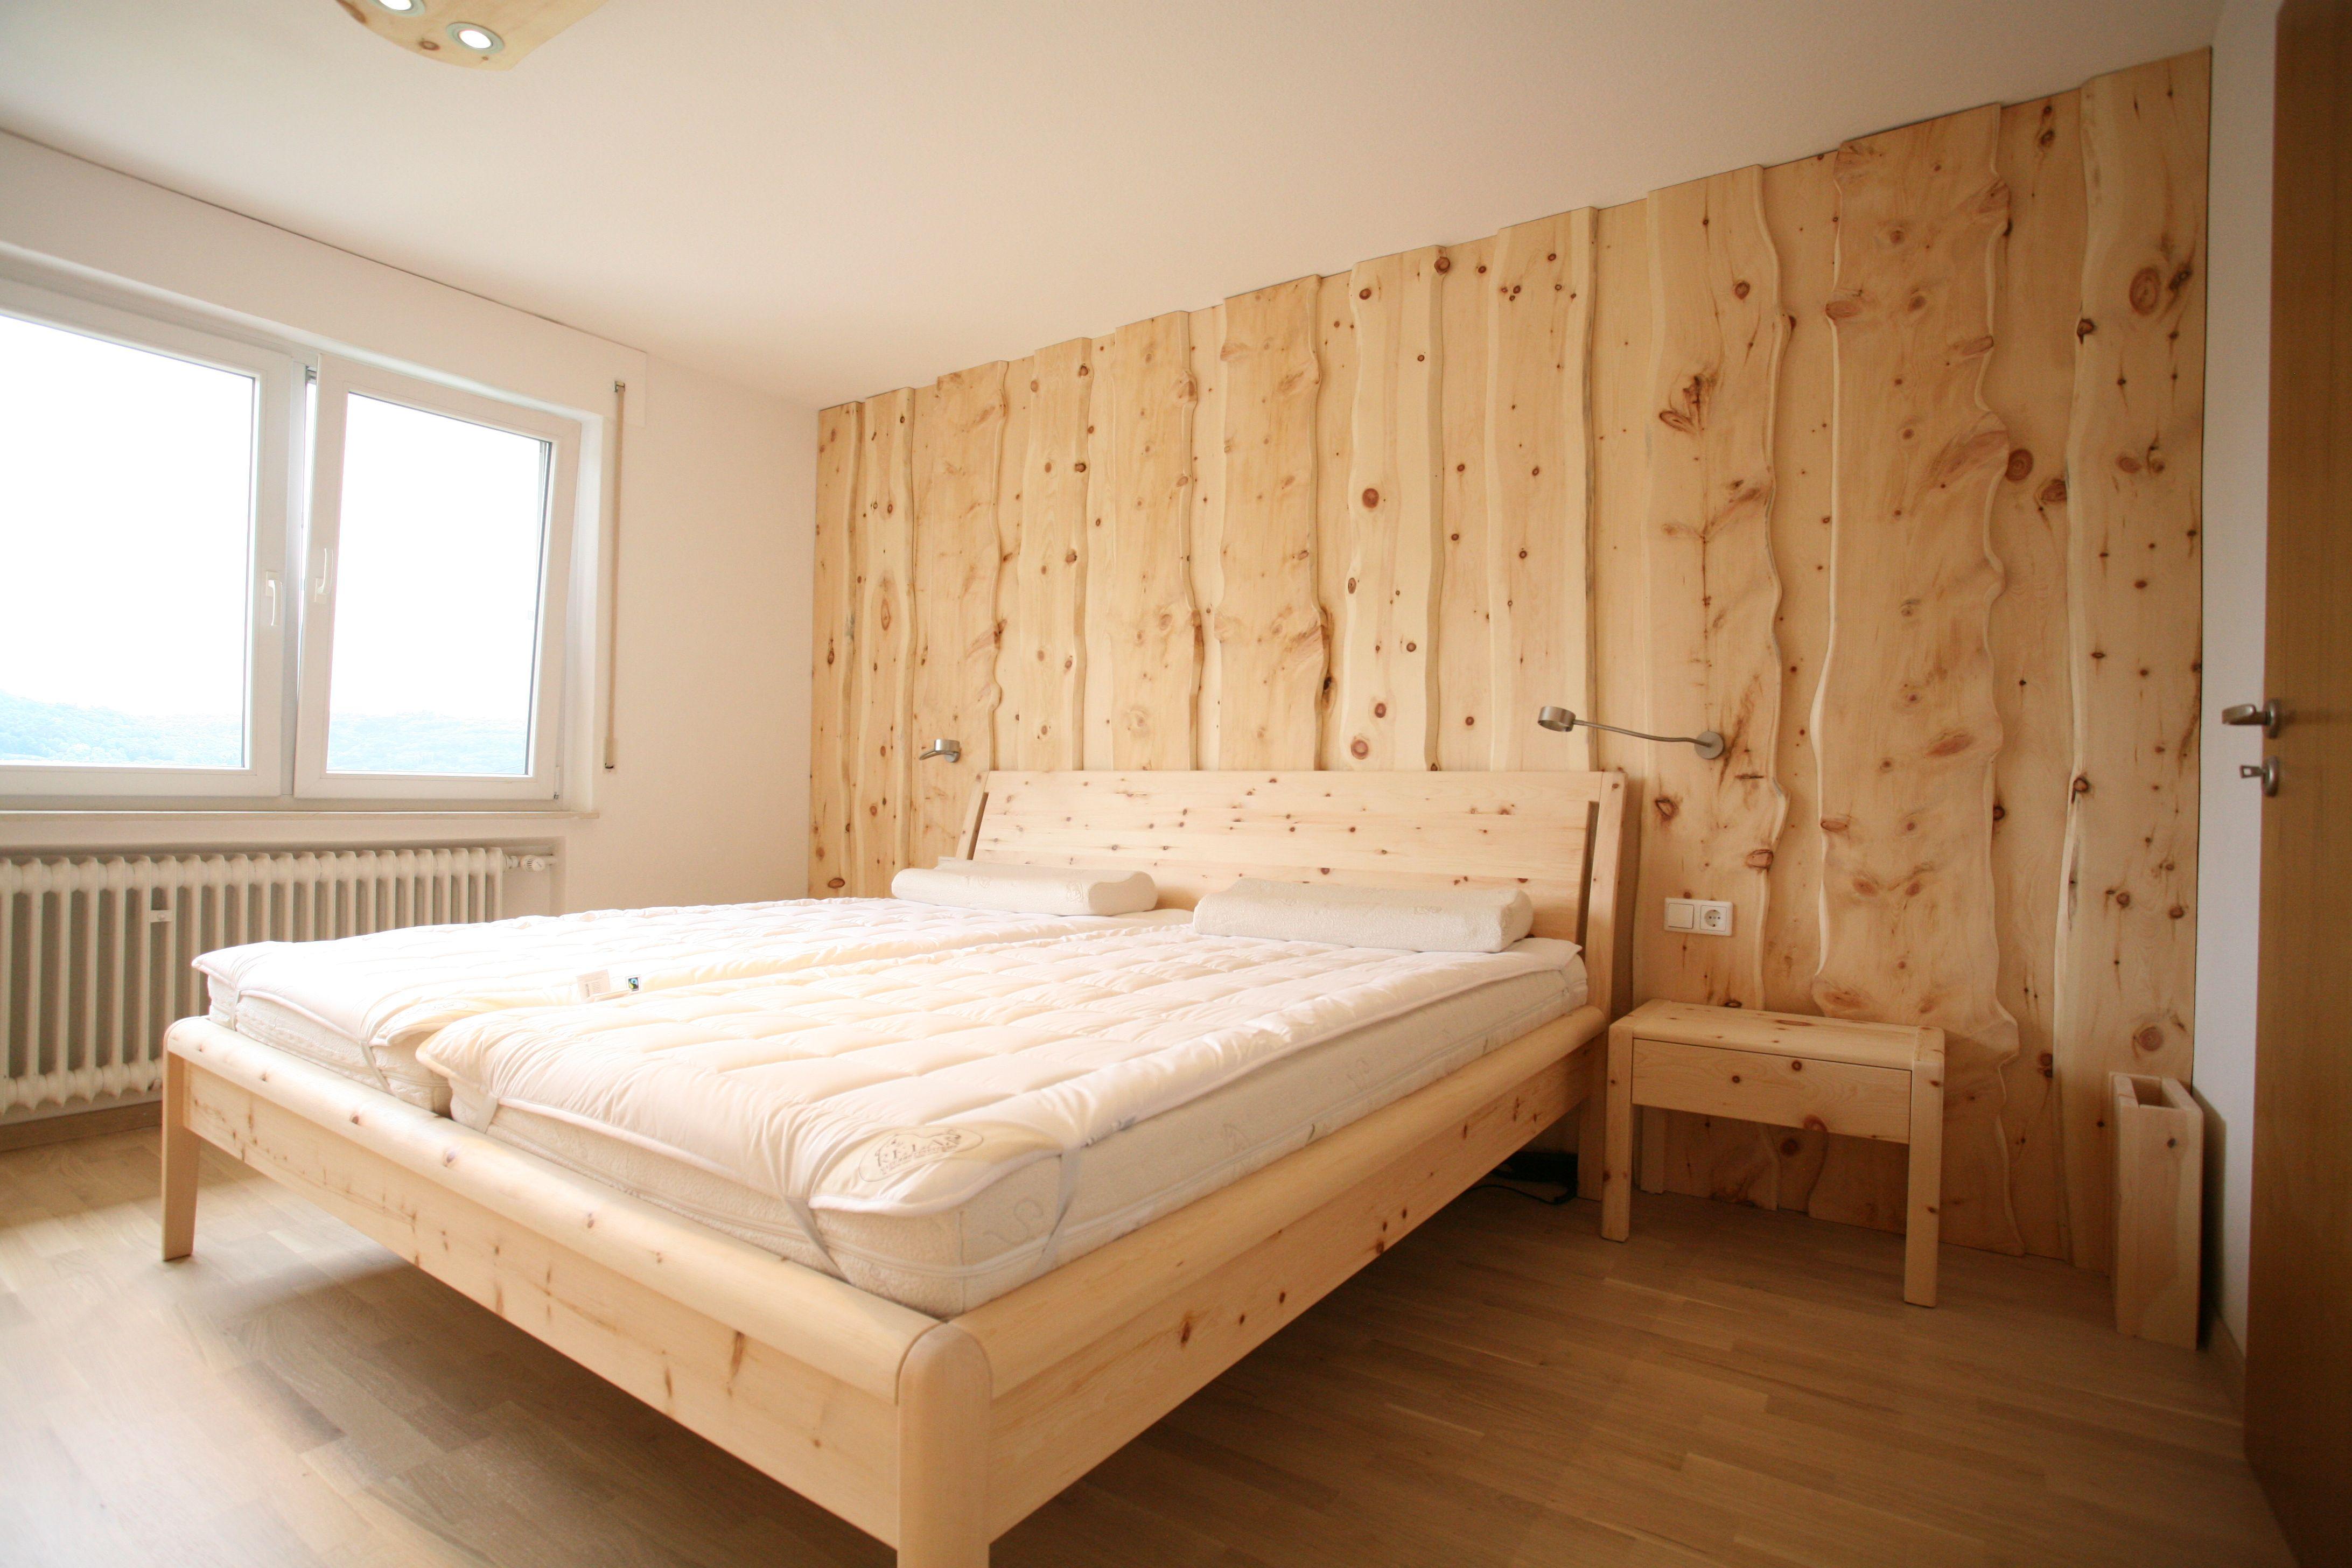 Schlafzimmer Zirbenholz Modern  Tischleuchte Mushroom Pilz Chrom